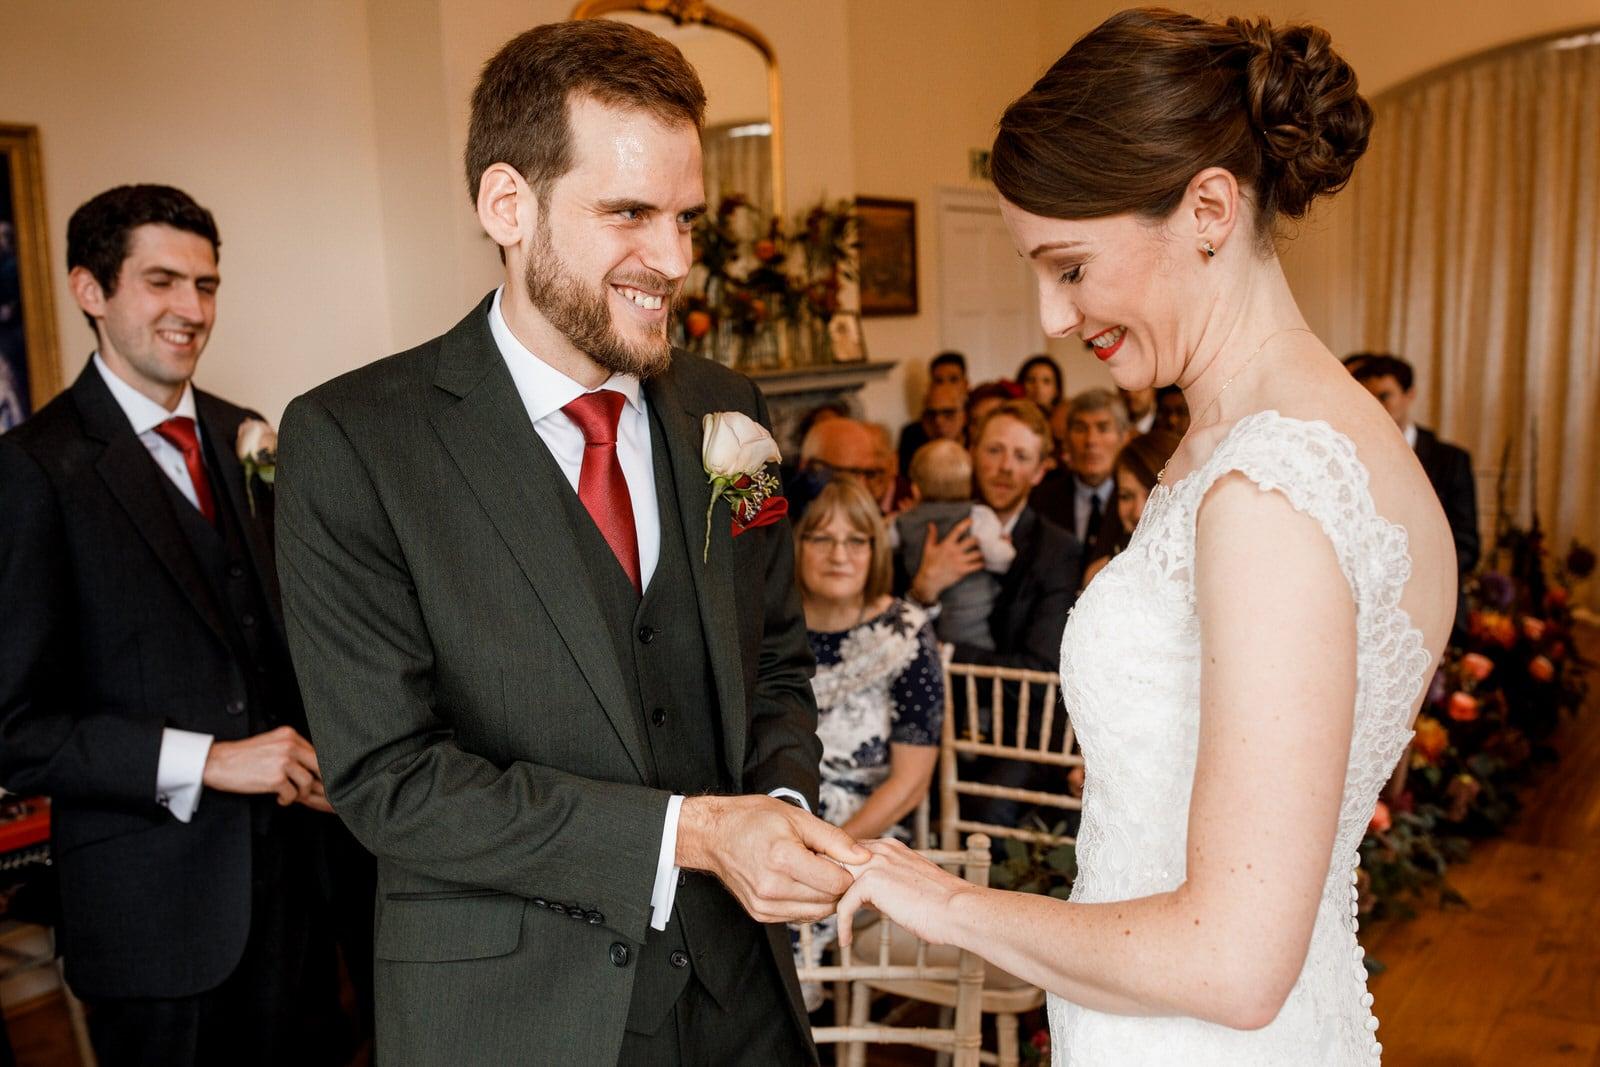 groom placing ring on brides finger at pembroke lodge wedding day